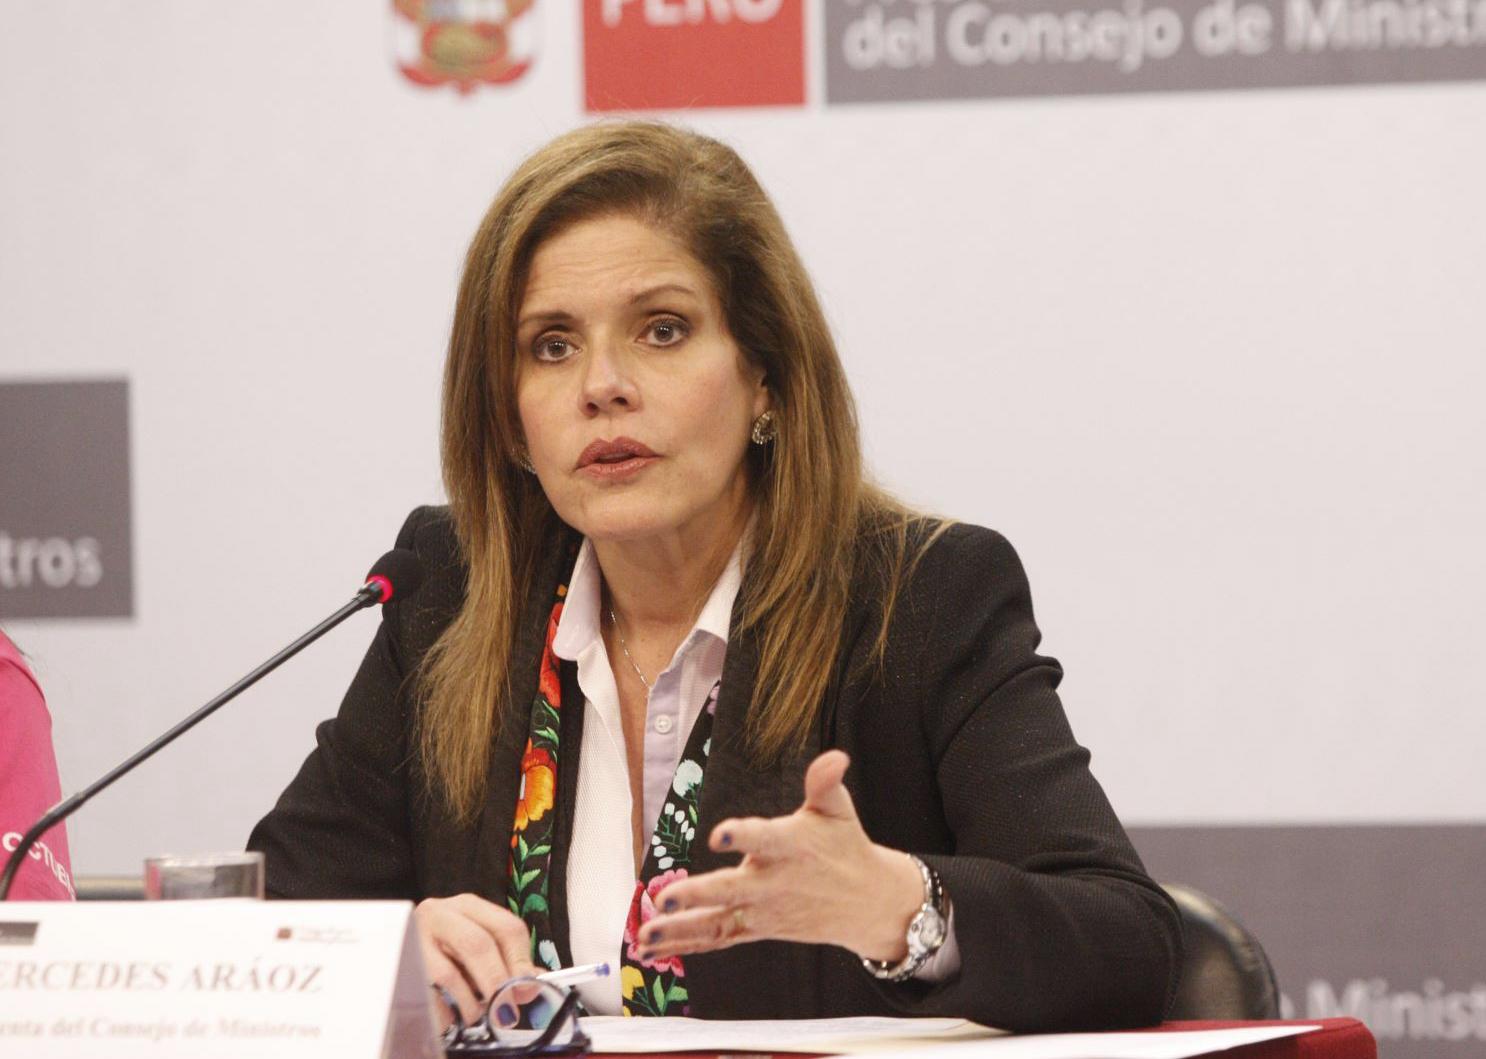 Congreso quiere fuera de su cargo como vicepresidenta a Mercedes Aráoz